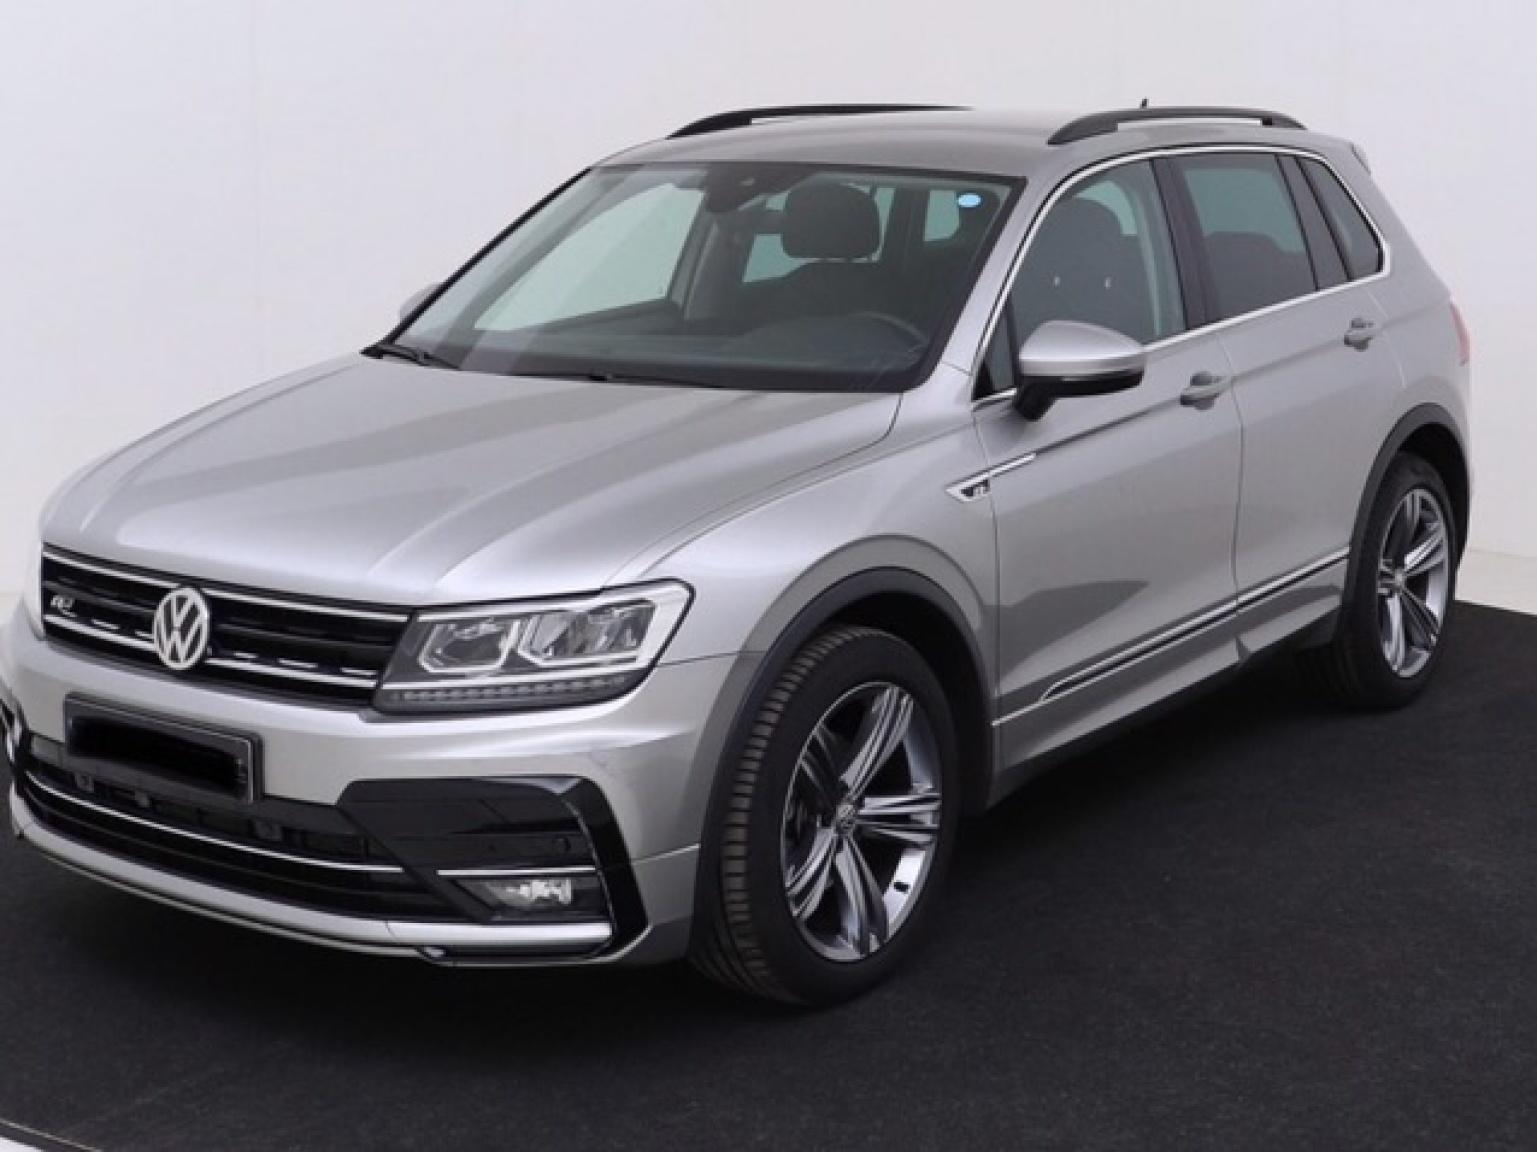 Volkswagen-Tiguan-0